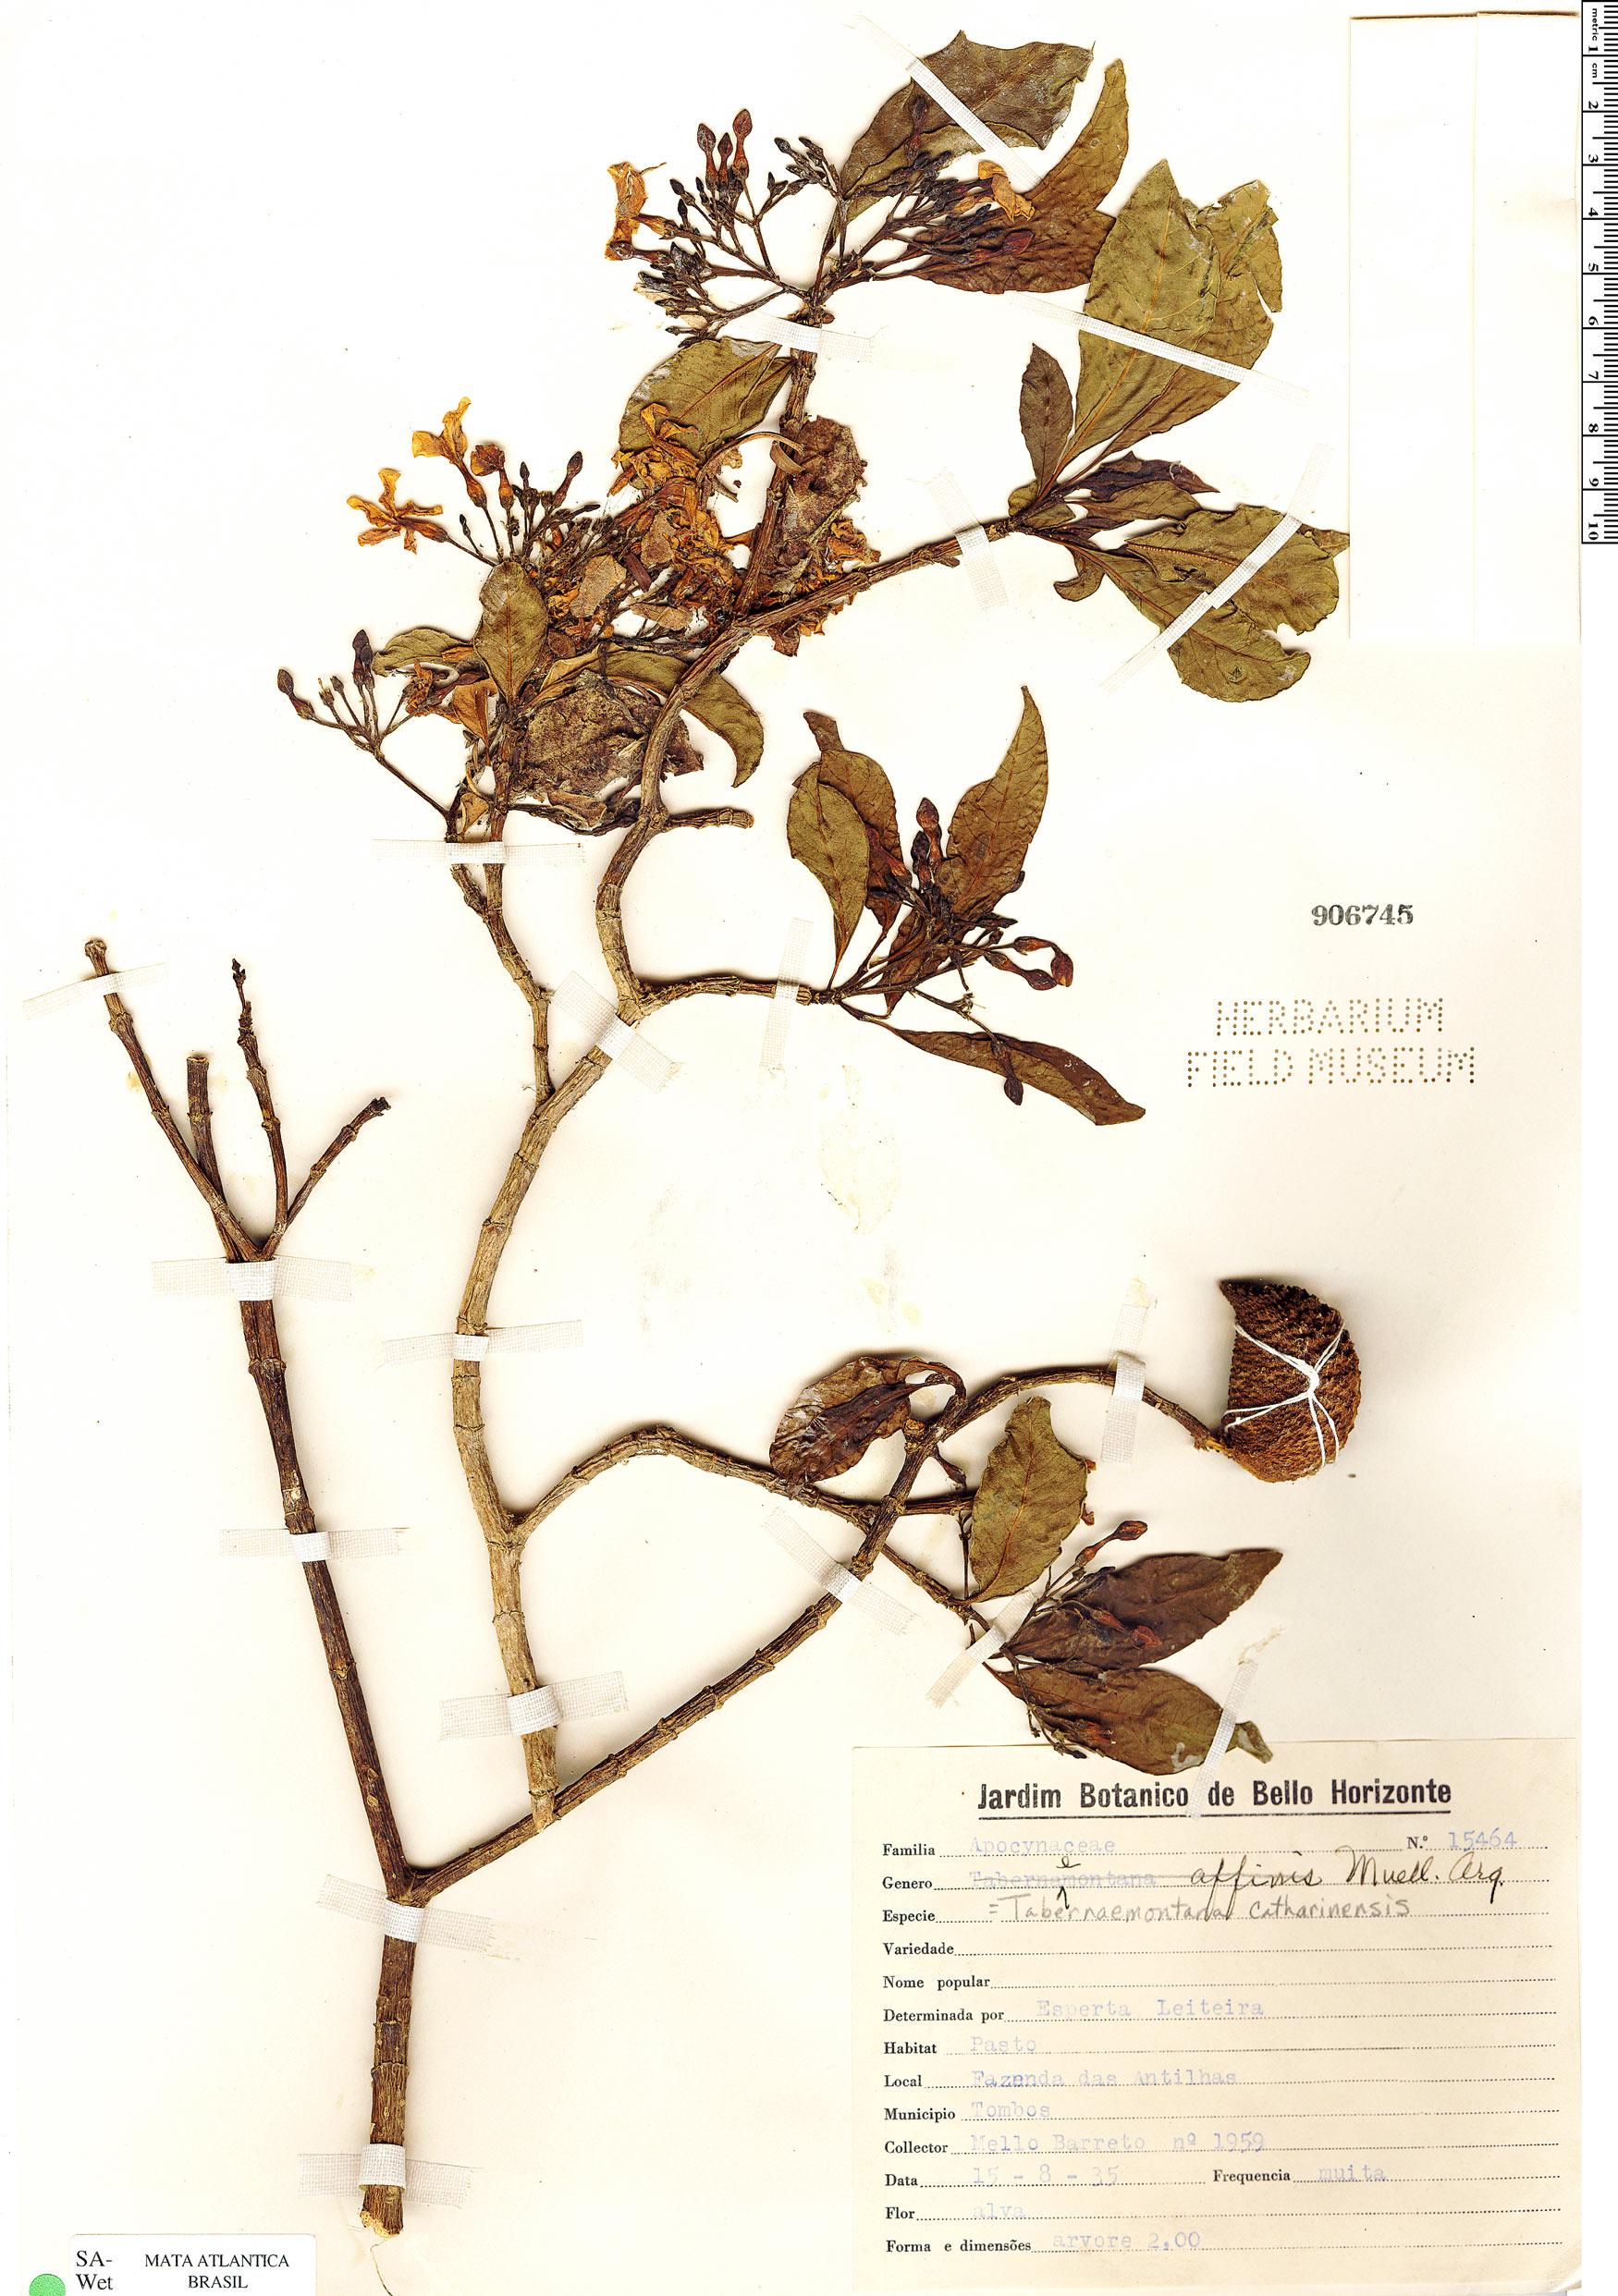 Specimen: Tabernaemontana catharinensis